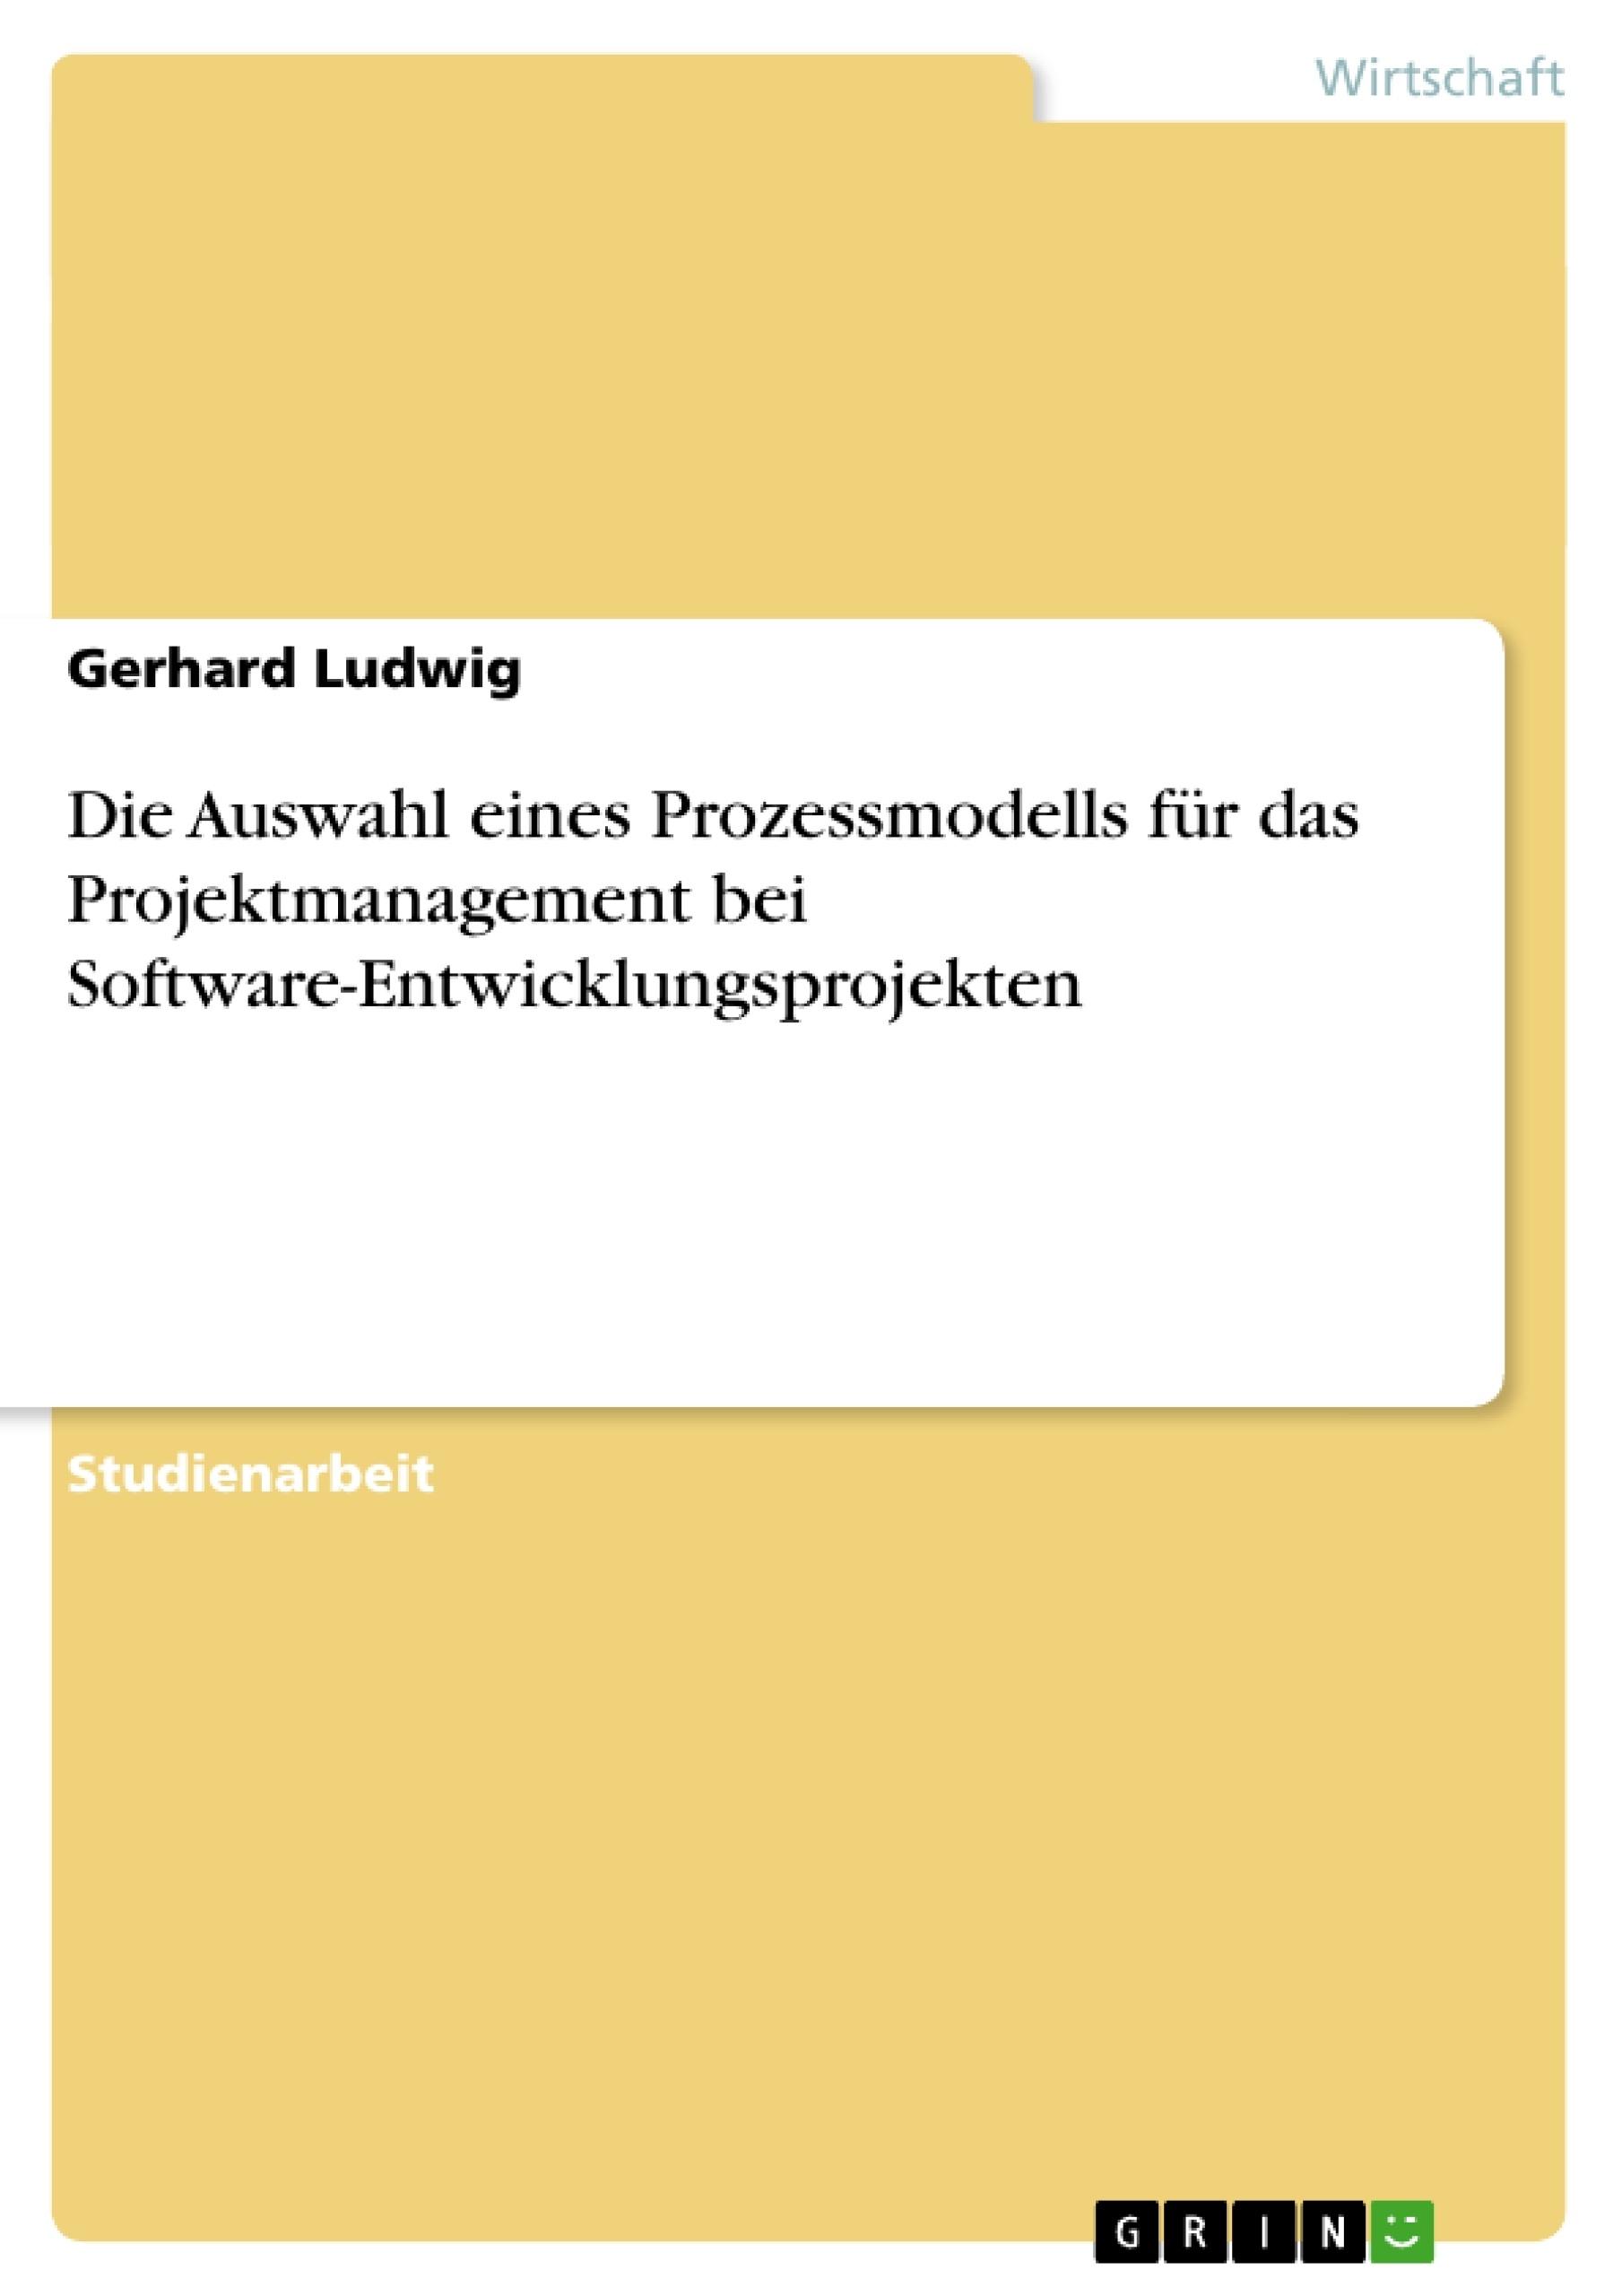 Titel: Die Auswahl eines Prozessmodells für das Projektmanagement bei Software-Entwicklungsprojekten